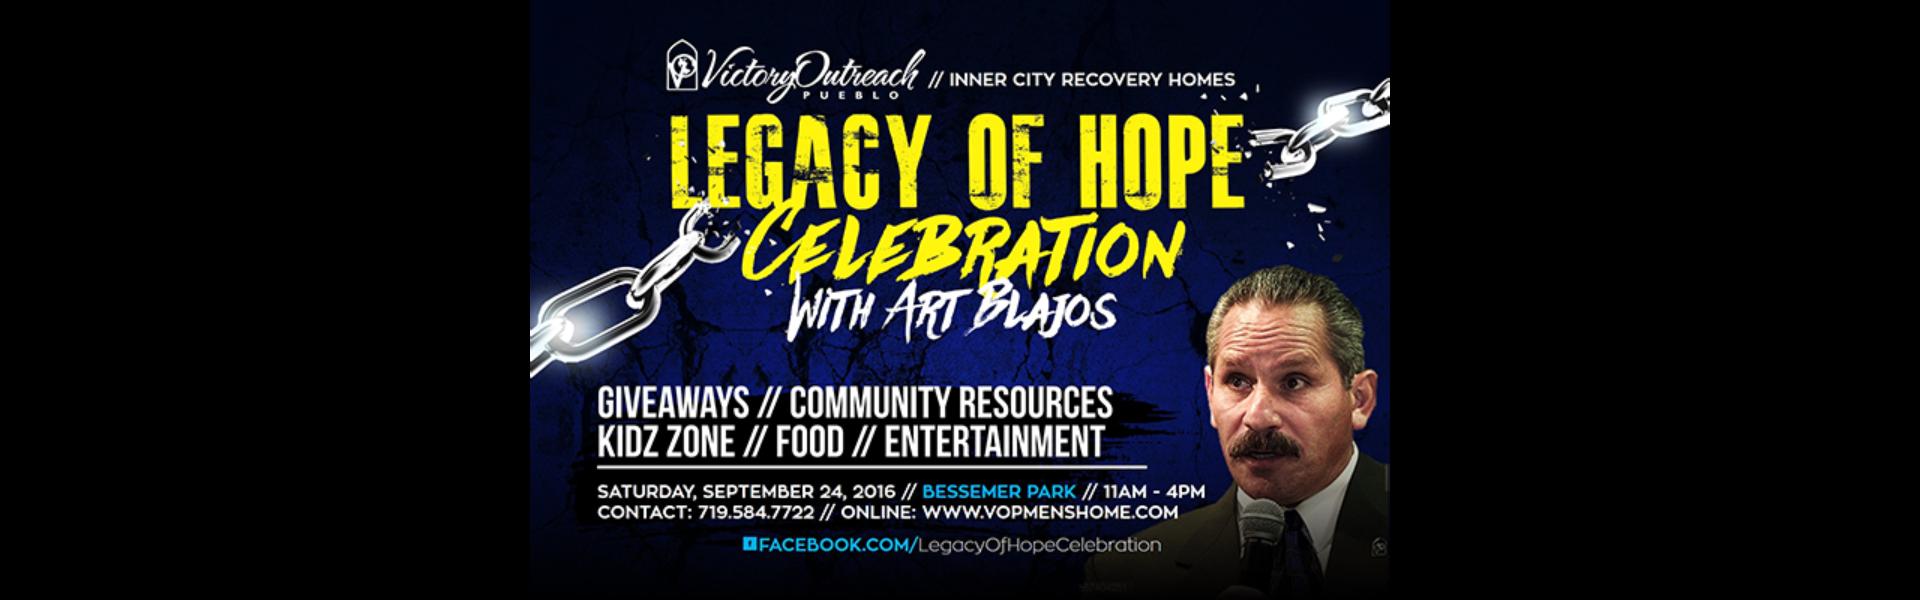 Legacy of Hope Celebration